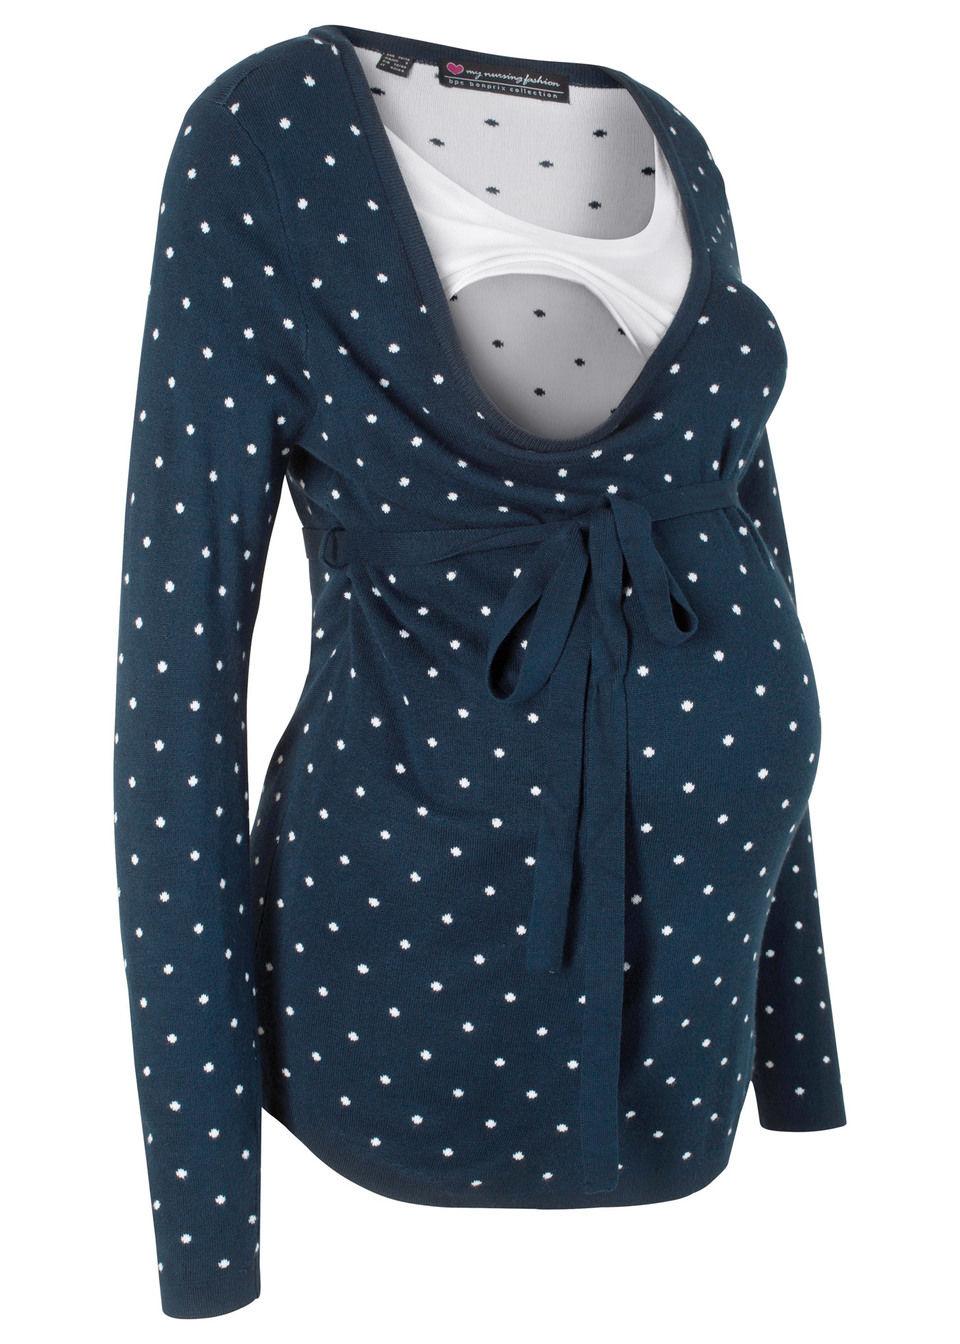 Купить Свитера, Для будущих и кормящих мам: пуловер, bonprix, темно-синий в горошек